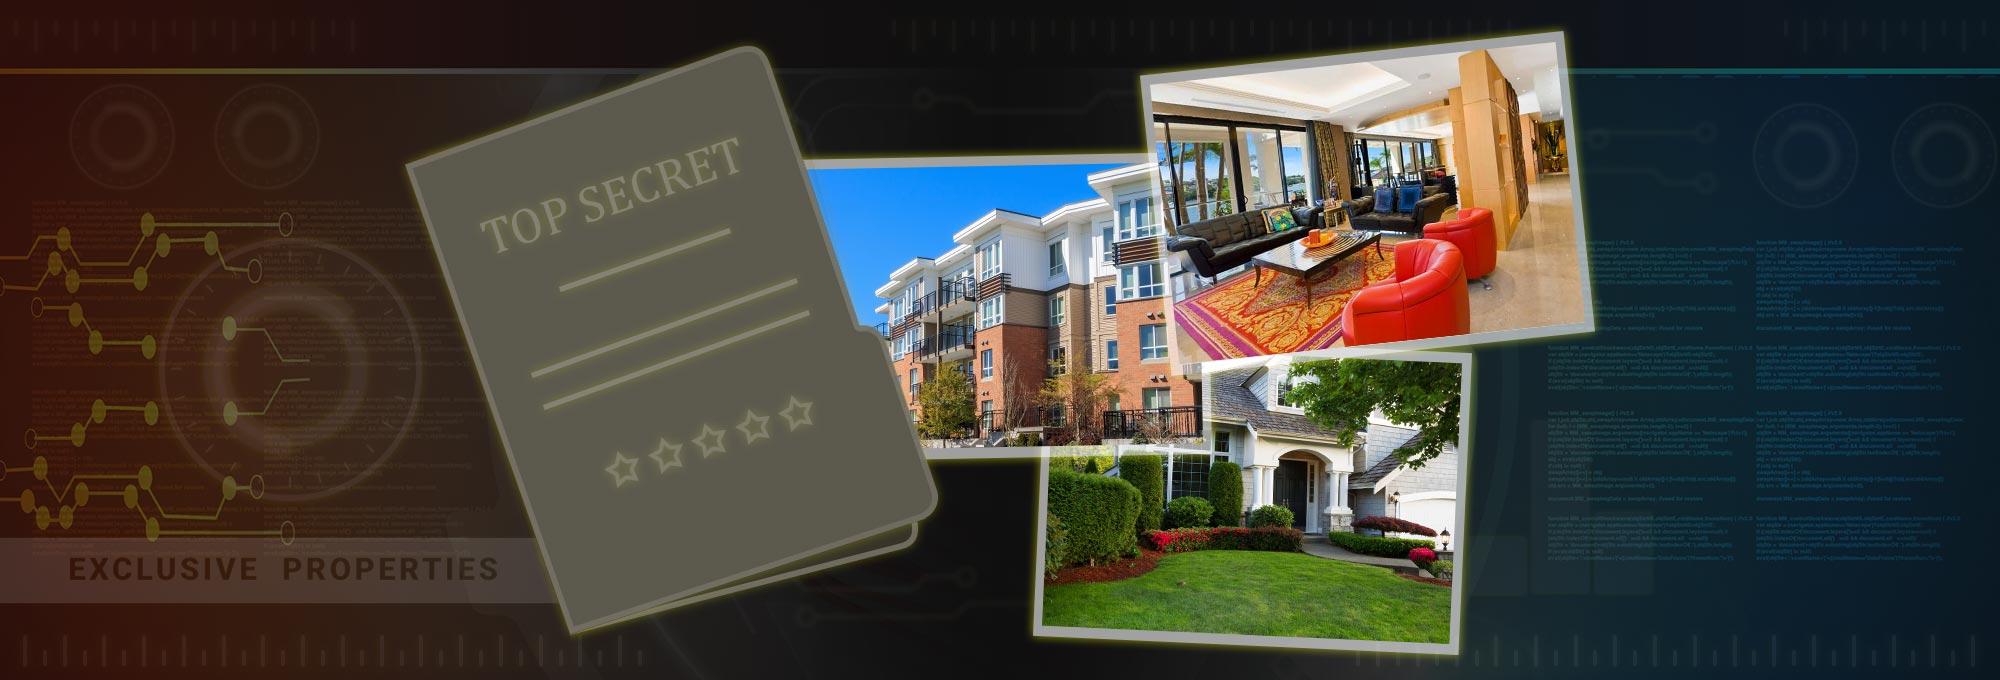 Buyers Agent Sydney Top Secret Properties